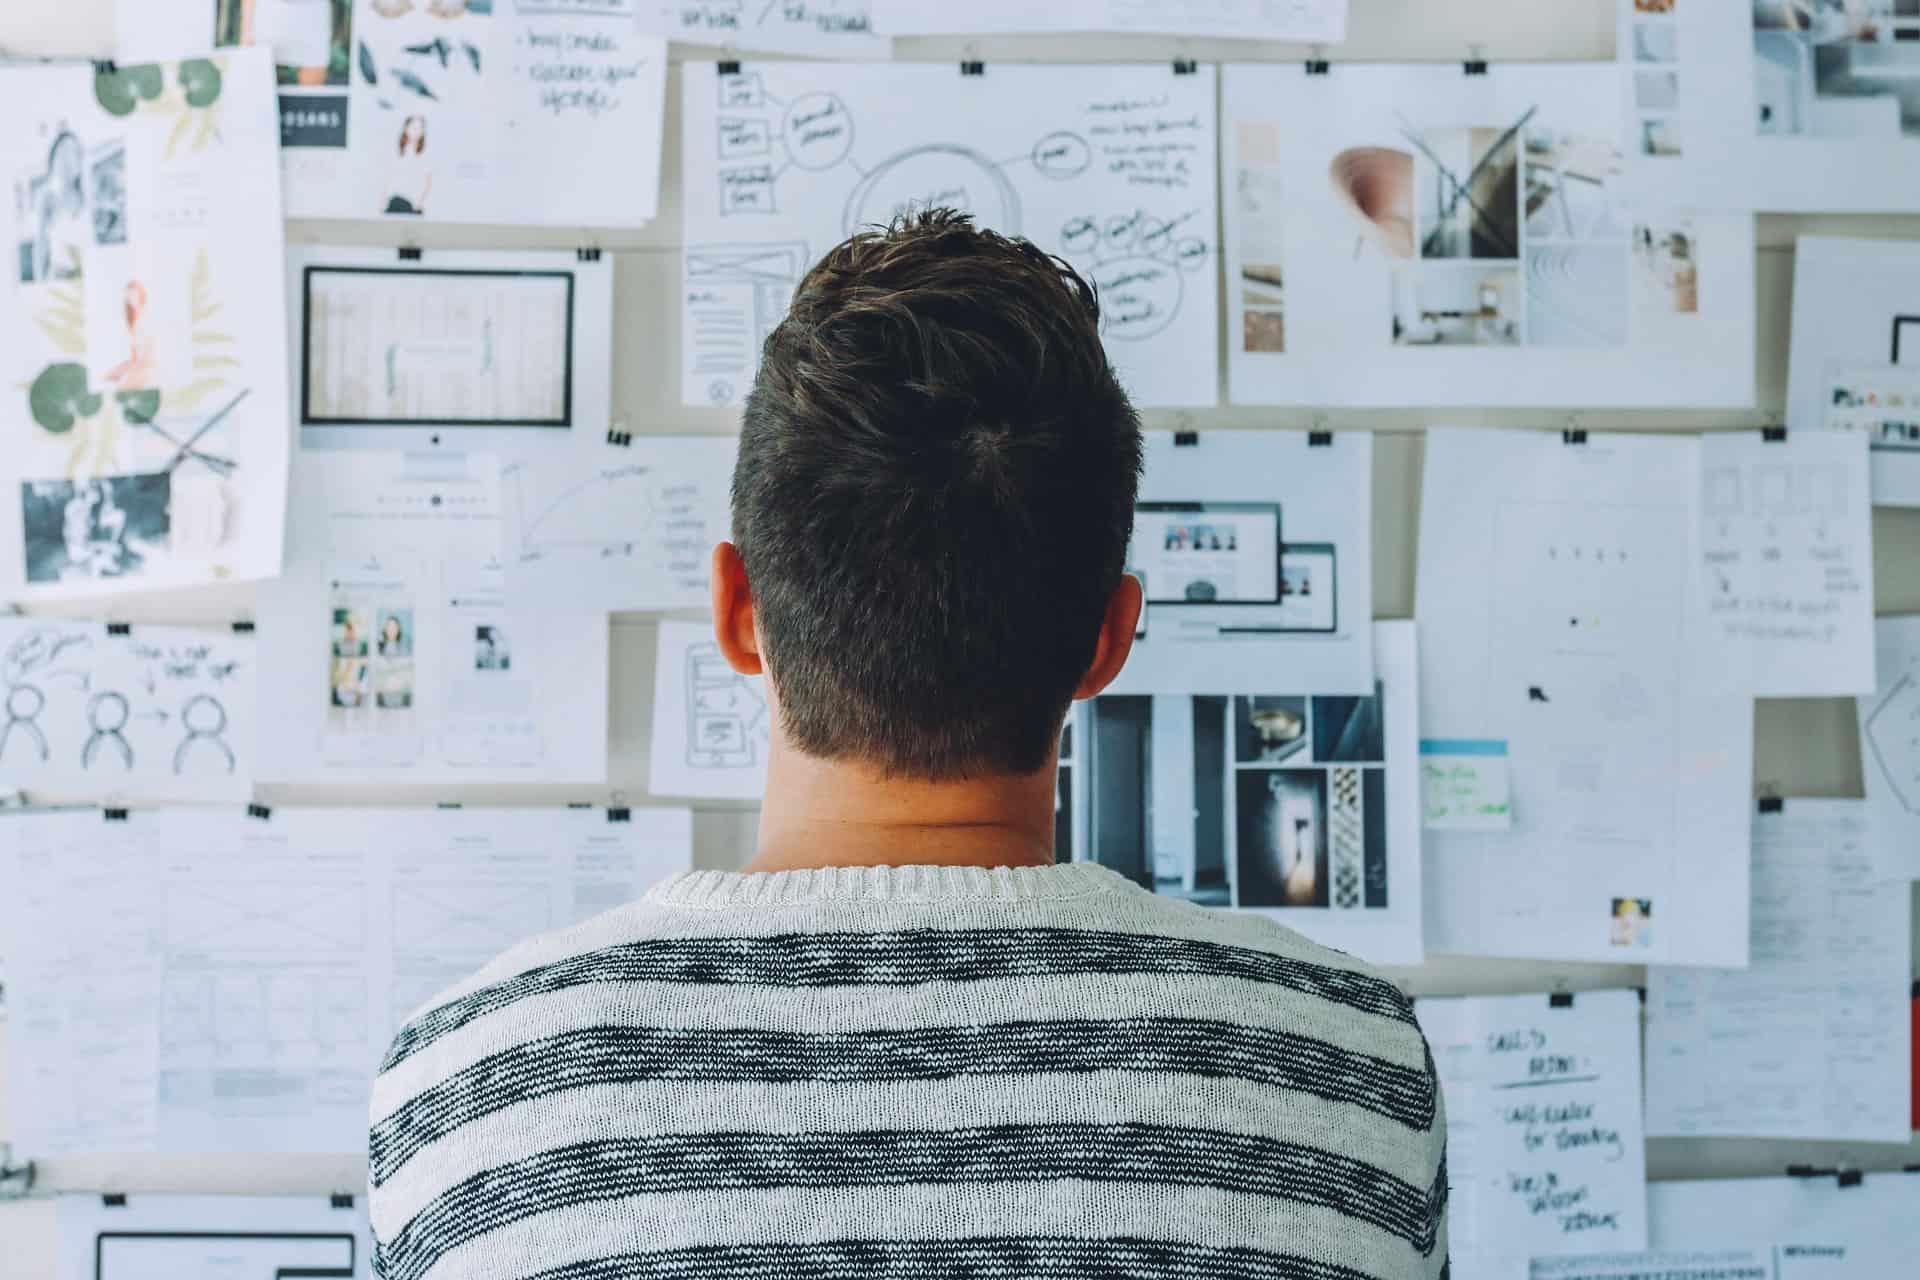 Man looking at designs